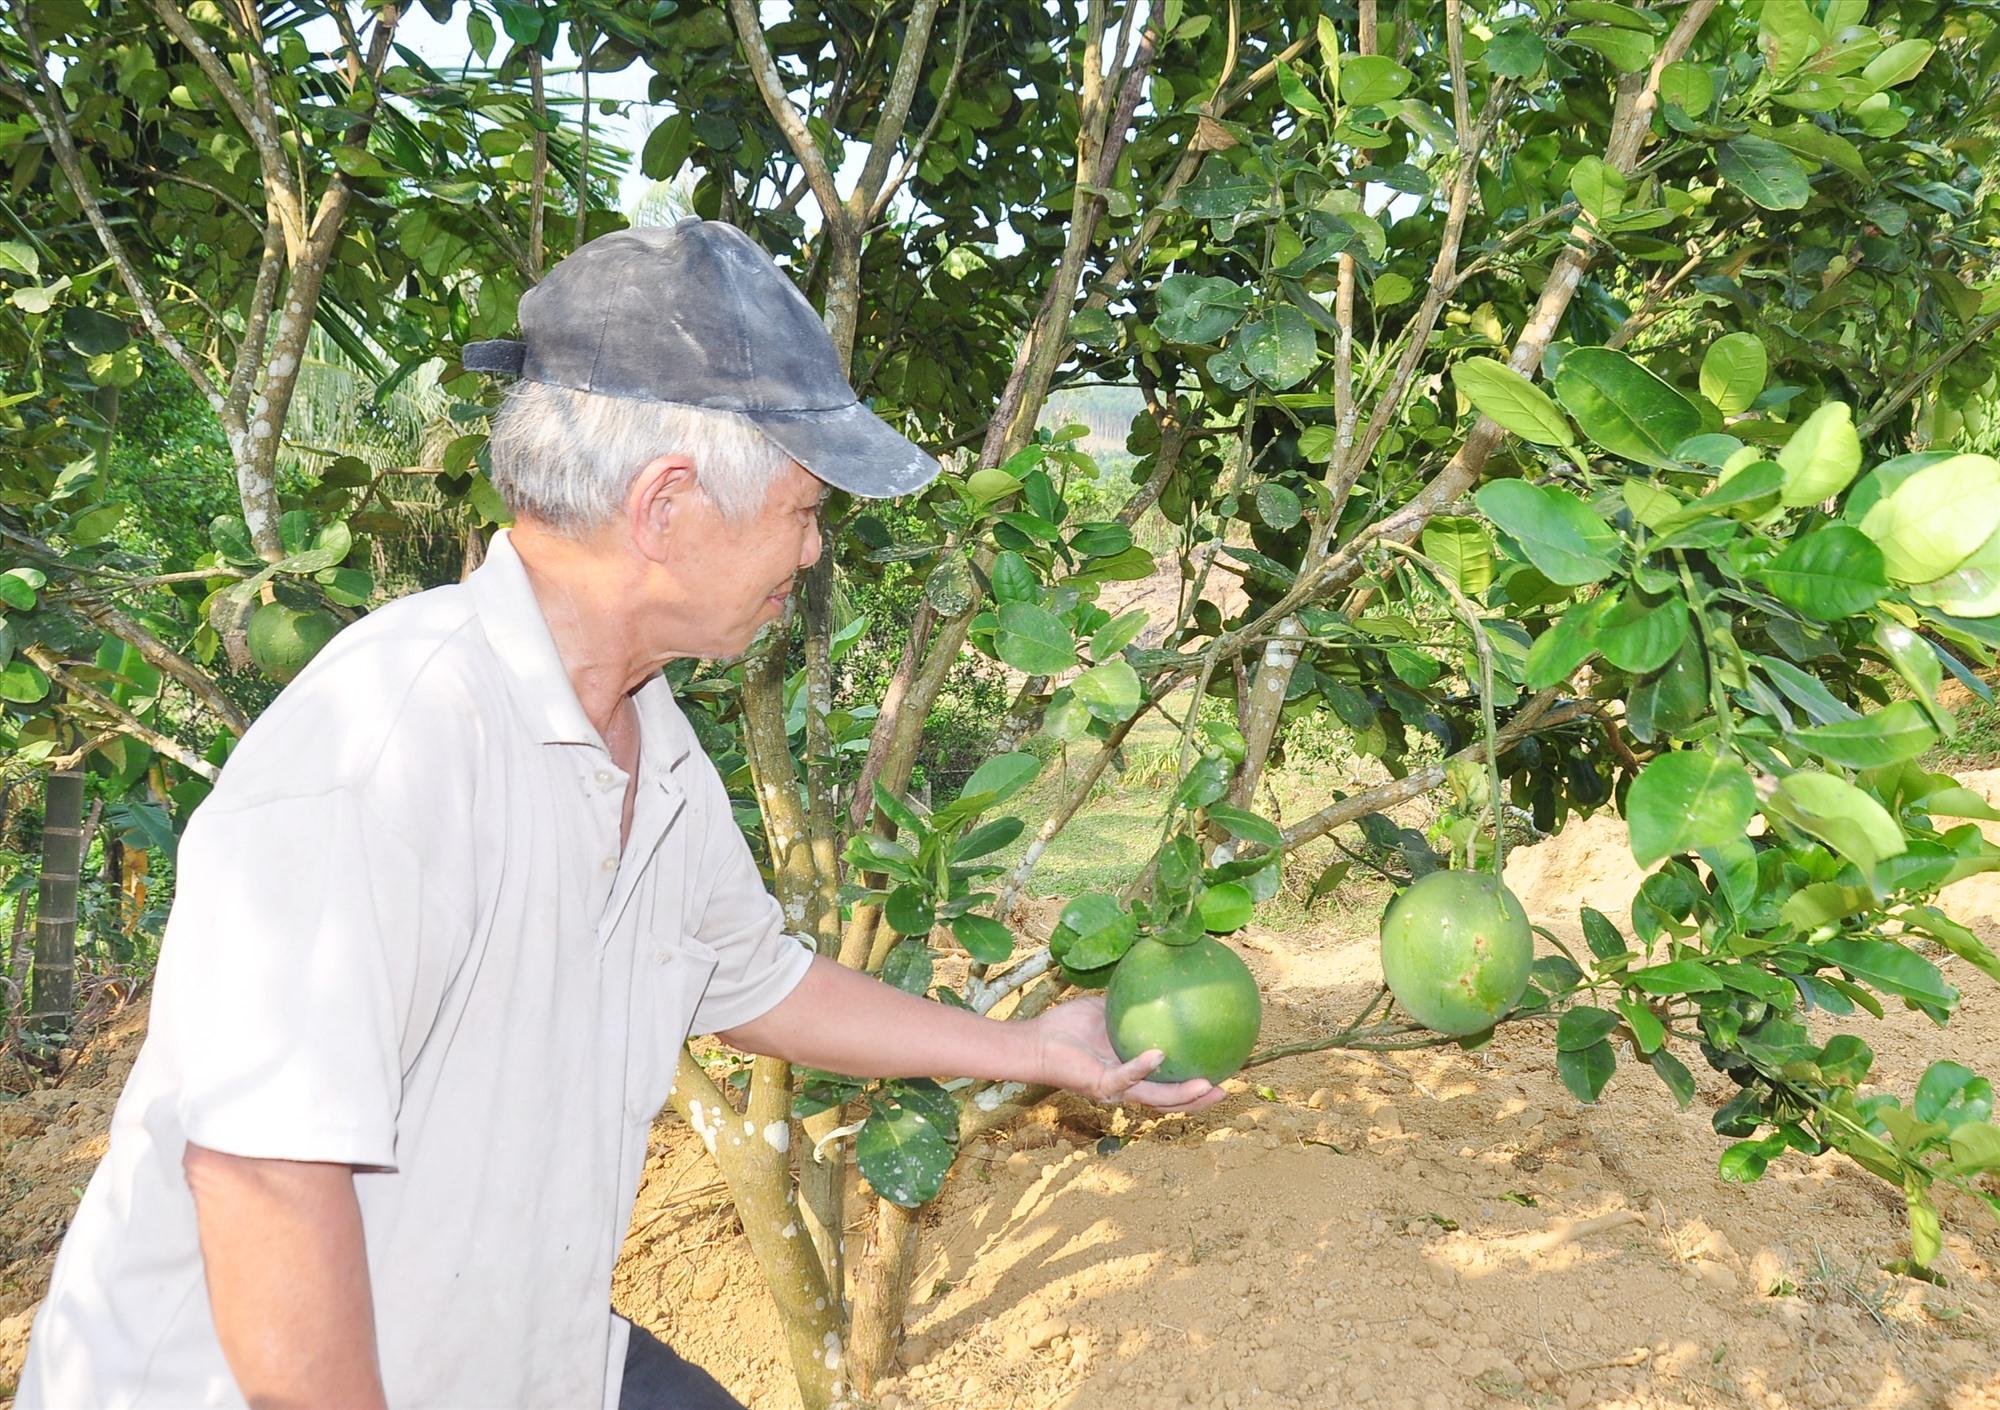 Những năm gần đây, người dân Bình Sơn tập trung đầu tư cải tạo vườn tạp để hình thành nhiều mô hình trồng cây ăn quả cho hiệu quả kinh tế cao. Ảnh: S.A